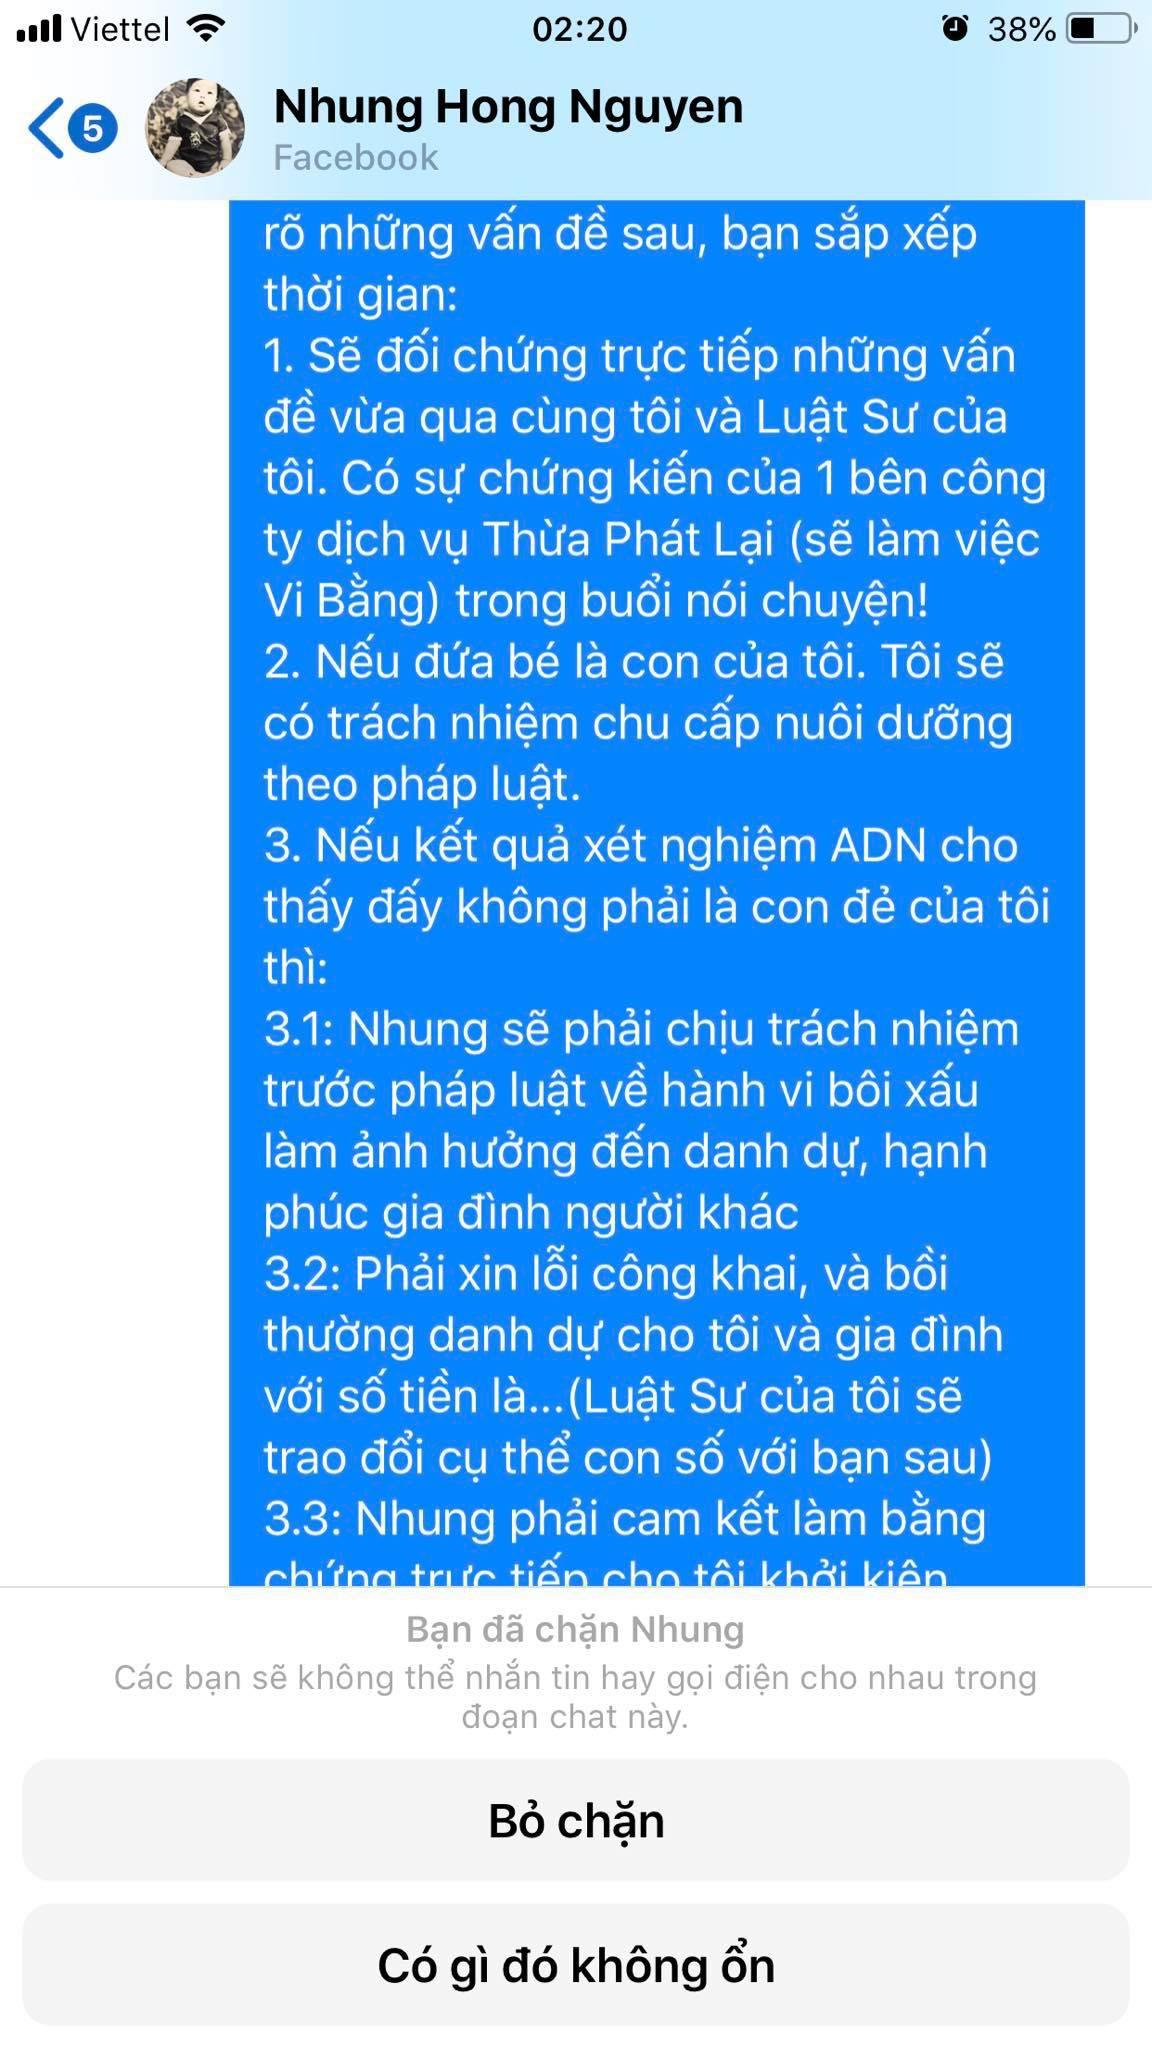 Nguyễn Hồng Nhung - bà xã Xuân Bắc bất ngờ bị tố đã bôi nhọ, sỉ nhục người khác, nếu không dừng lại sẽ khởi kiện-7